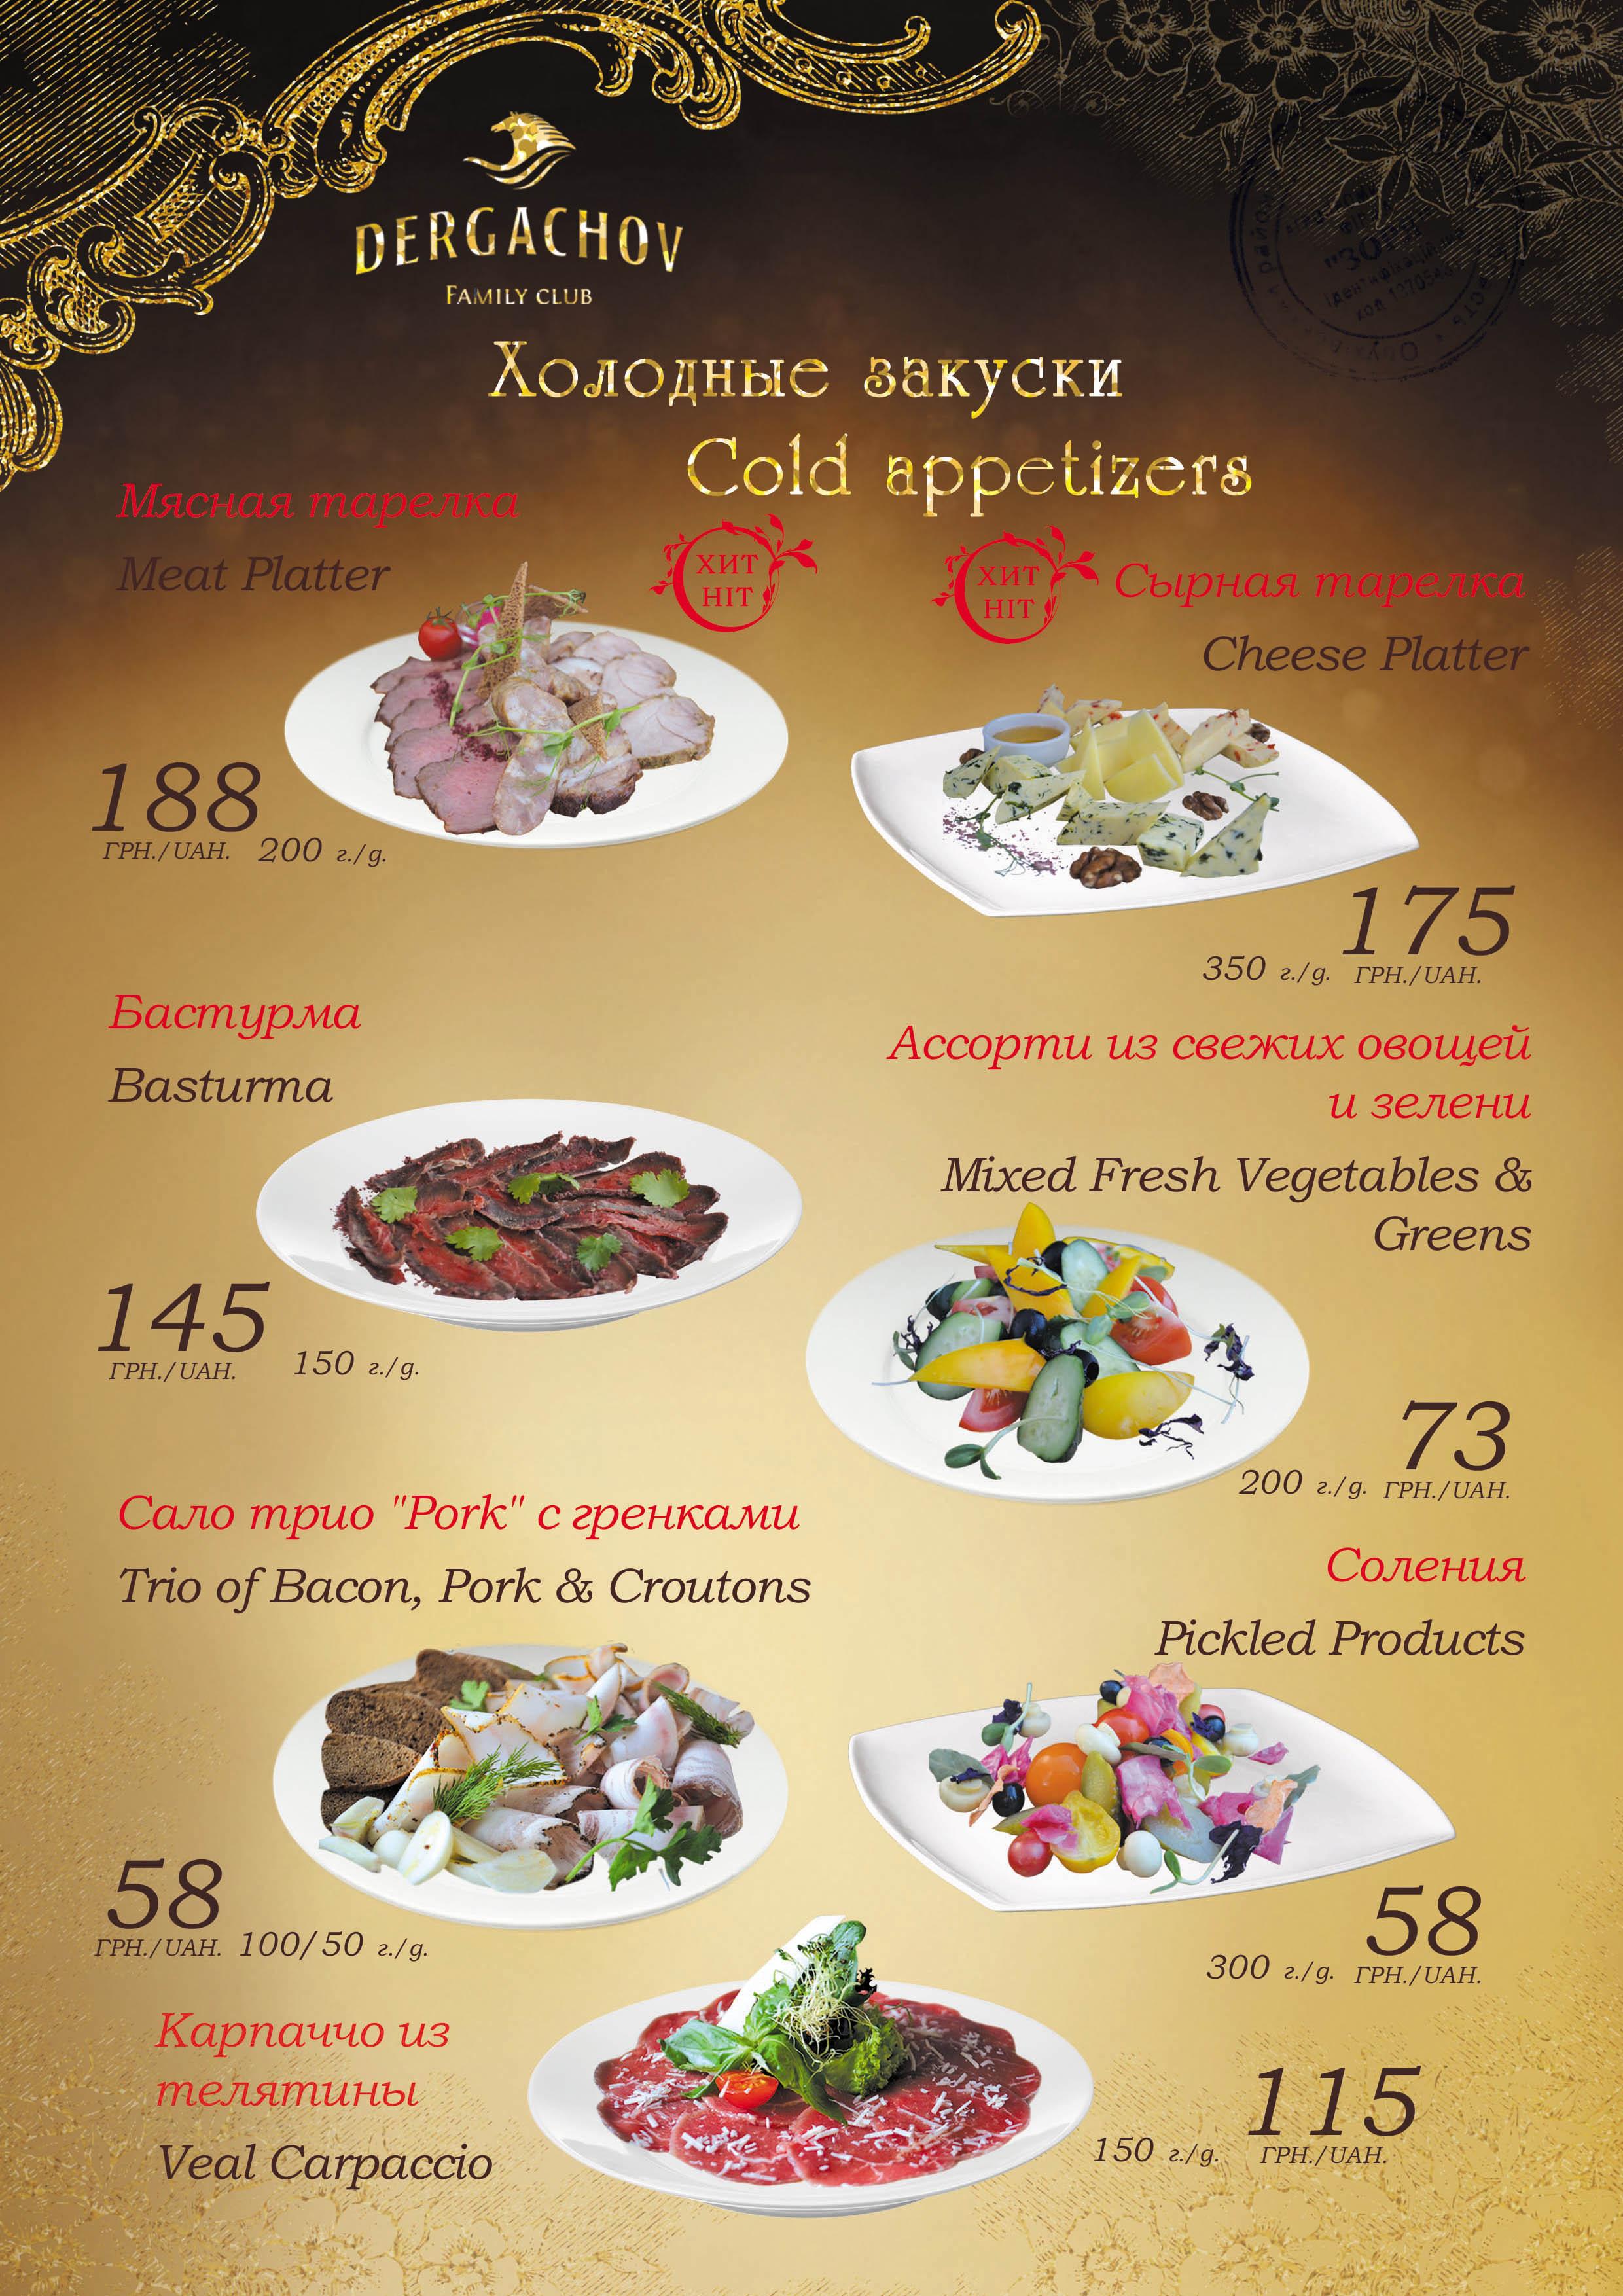 официант, средний чек в ресторане, продажи в ресторане, отличный сервис, увеличение среднего чека в ресторане